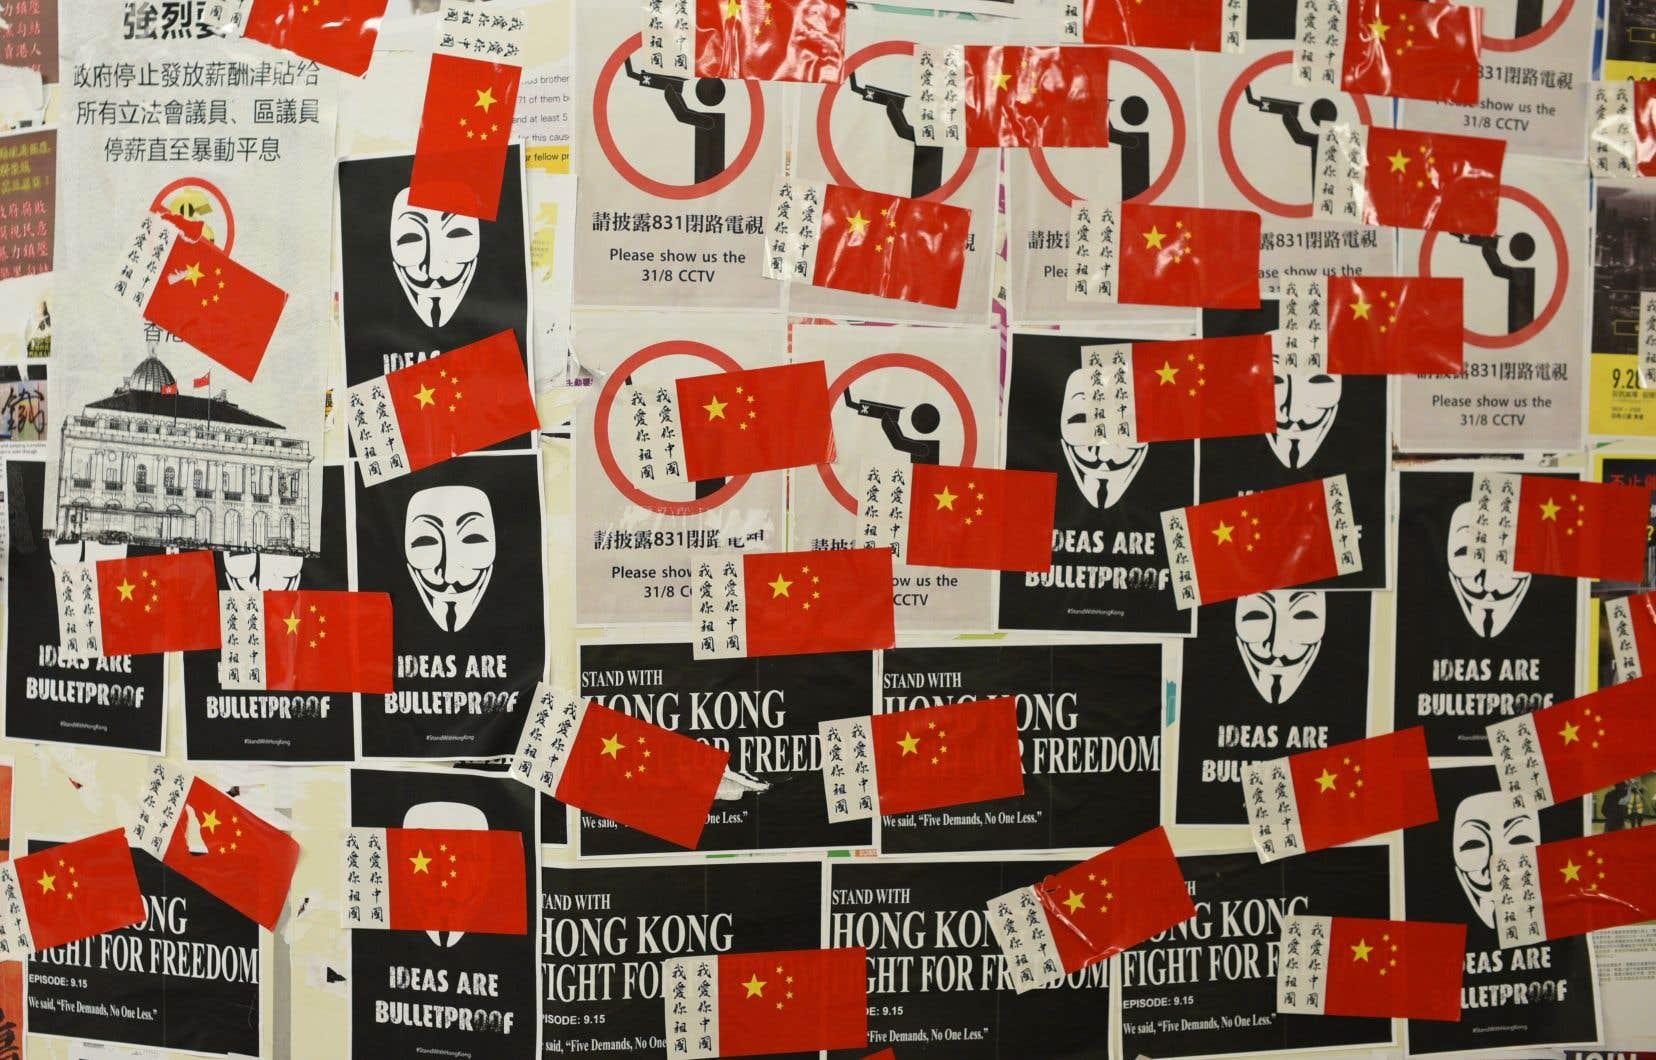 À Hong Kong, l'espion transfige affirme avoir fait partie d'une opération secrète dont l'objectif était de contrer le mouvement pro-démocratie qui secoue le territoire autonome depuis juin.